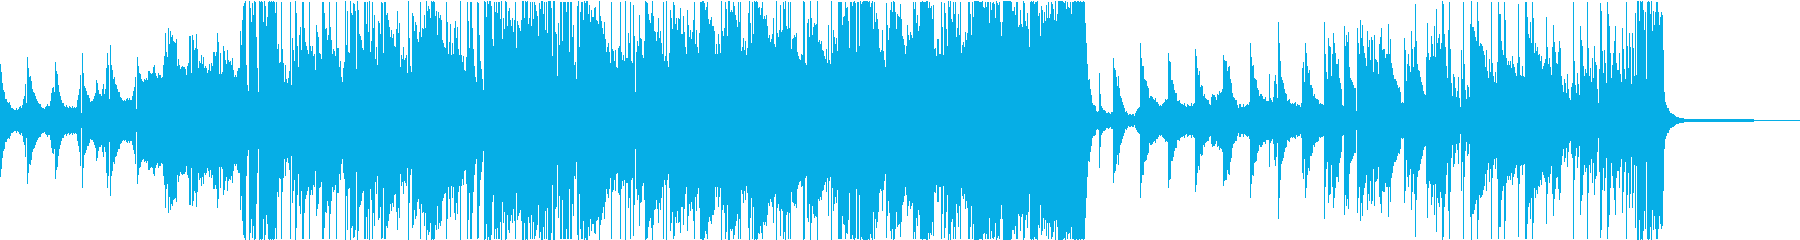 ドキュメンタリーのエンディング・挿入曲の再生済みの波形